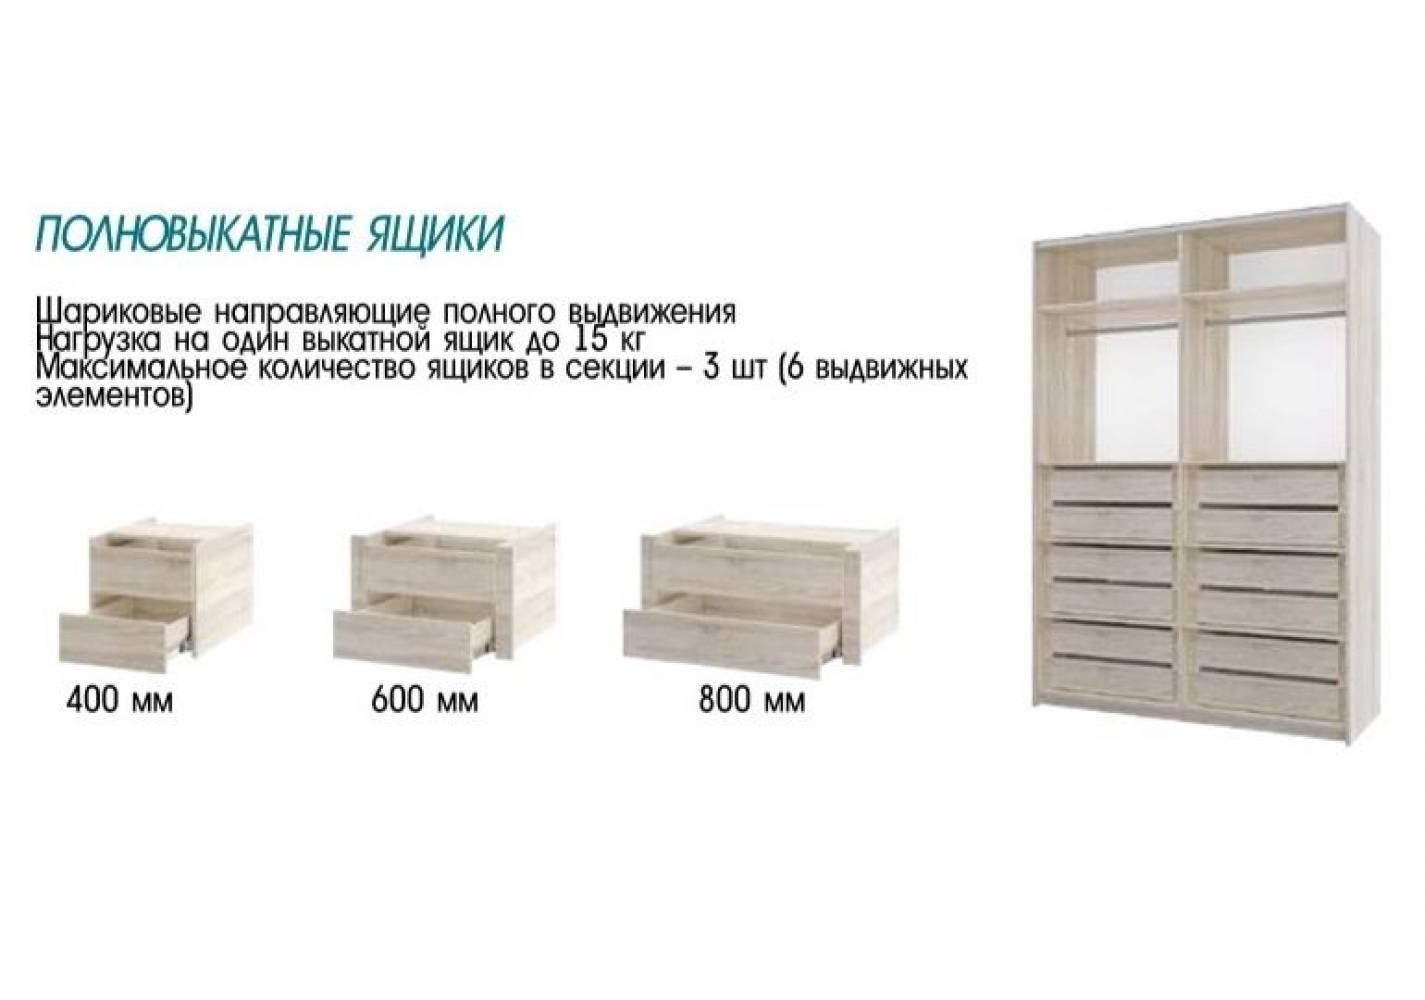 Шкаф Фортуна-4 (1800) 400/400/400/600